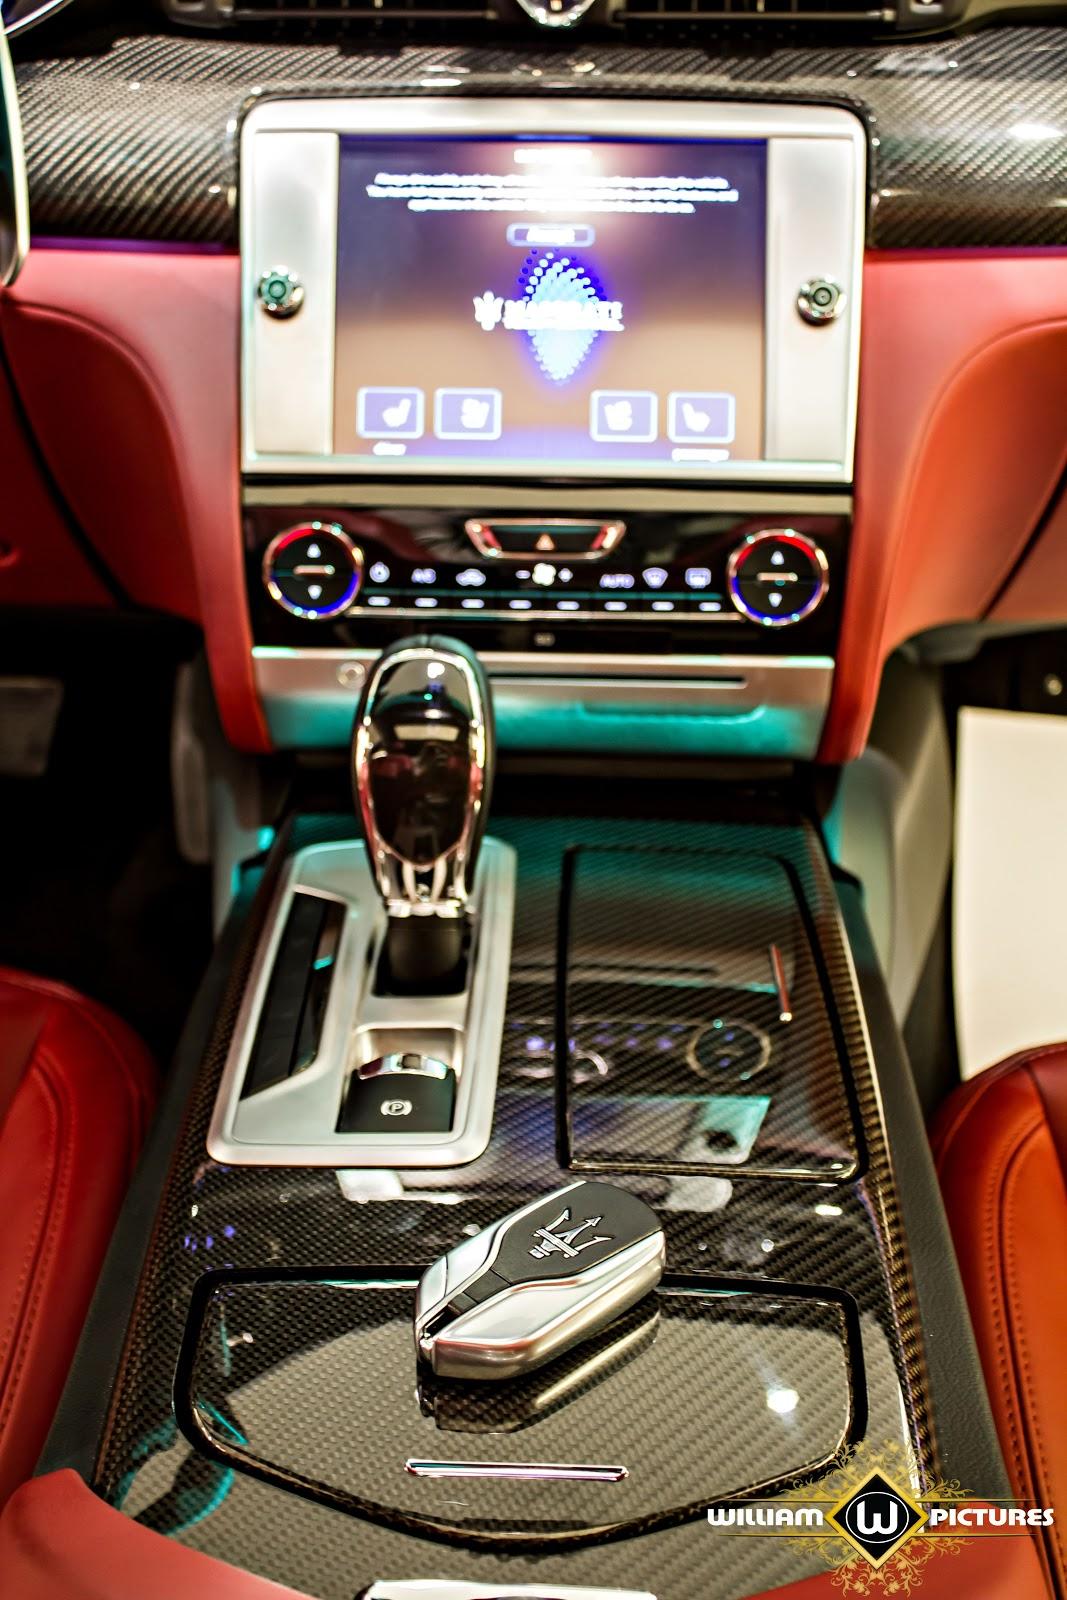 Xe được trang bị chìa khóa thông minh, màn hình giải trí thông tin cảm ứng cỡ lớn đa sắc đi kèm hệ thống âm thanh đỉnh cao